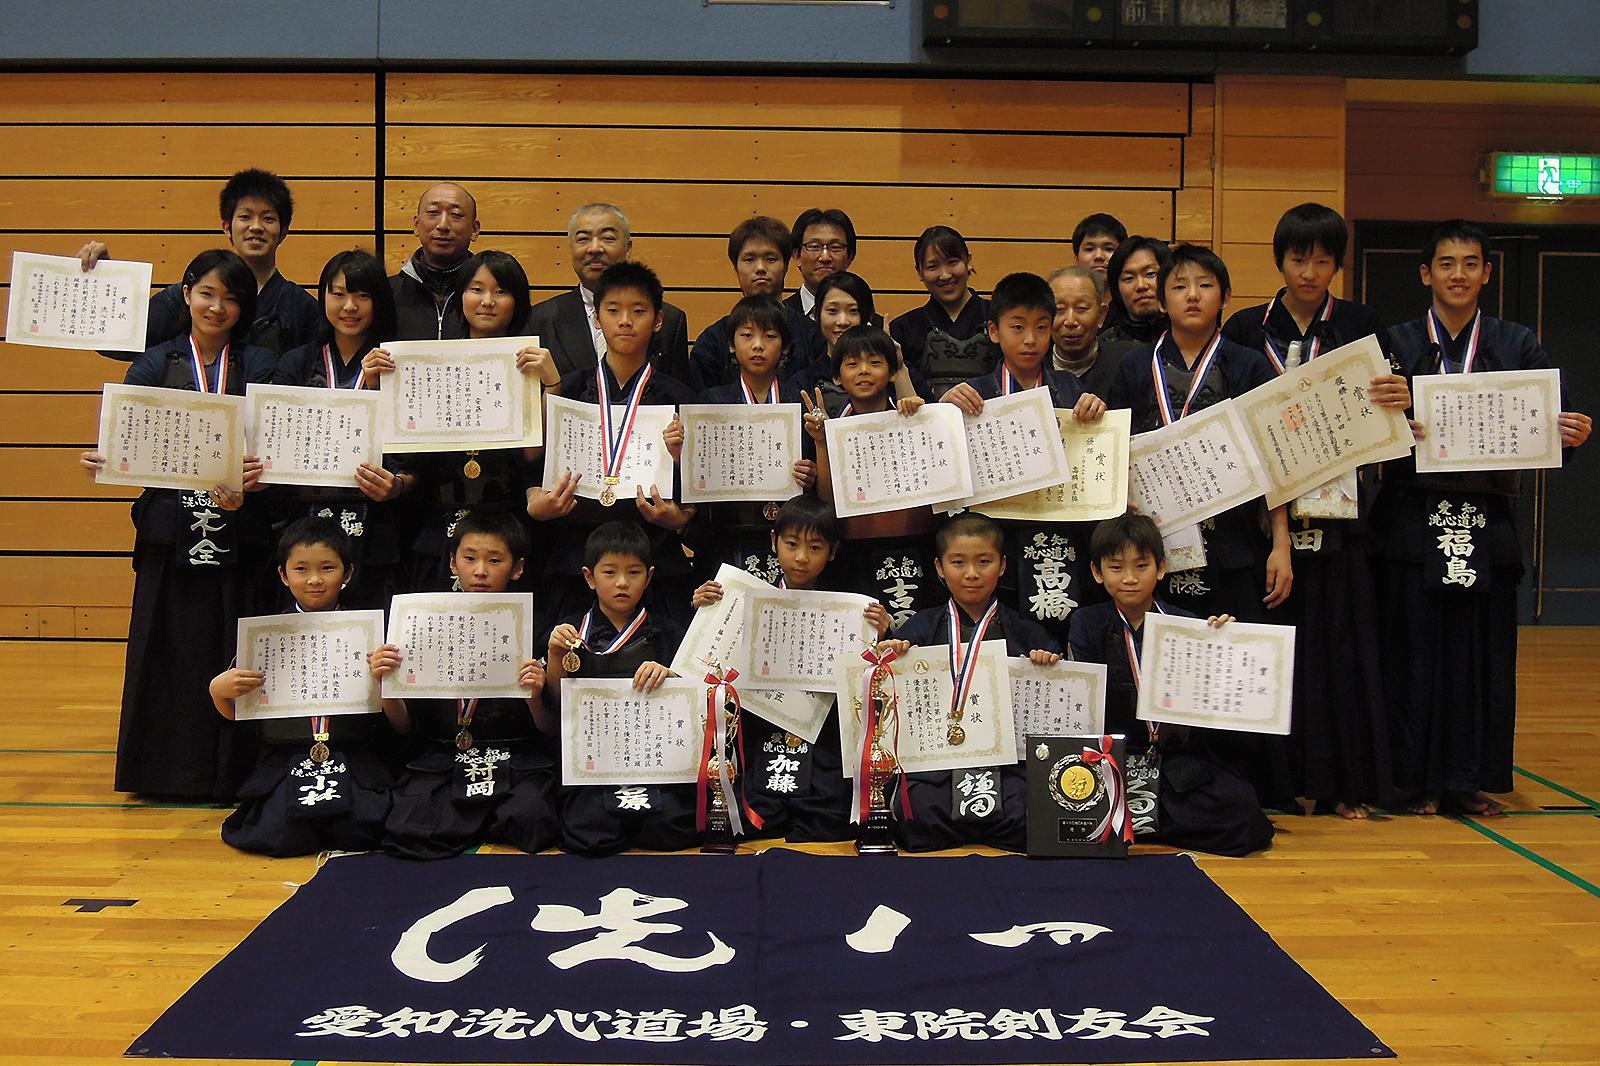 第48回港区剣道大会